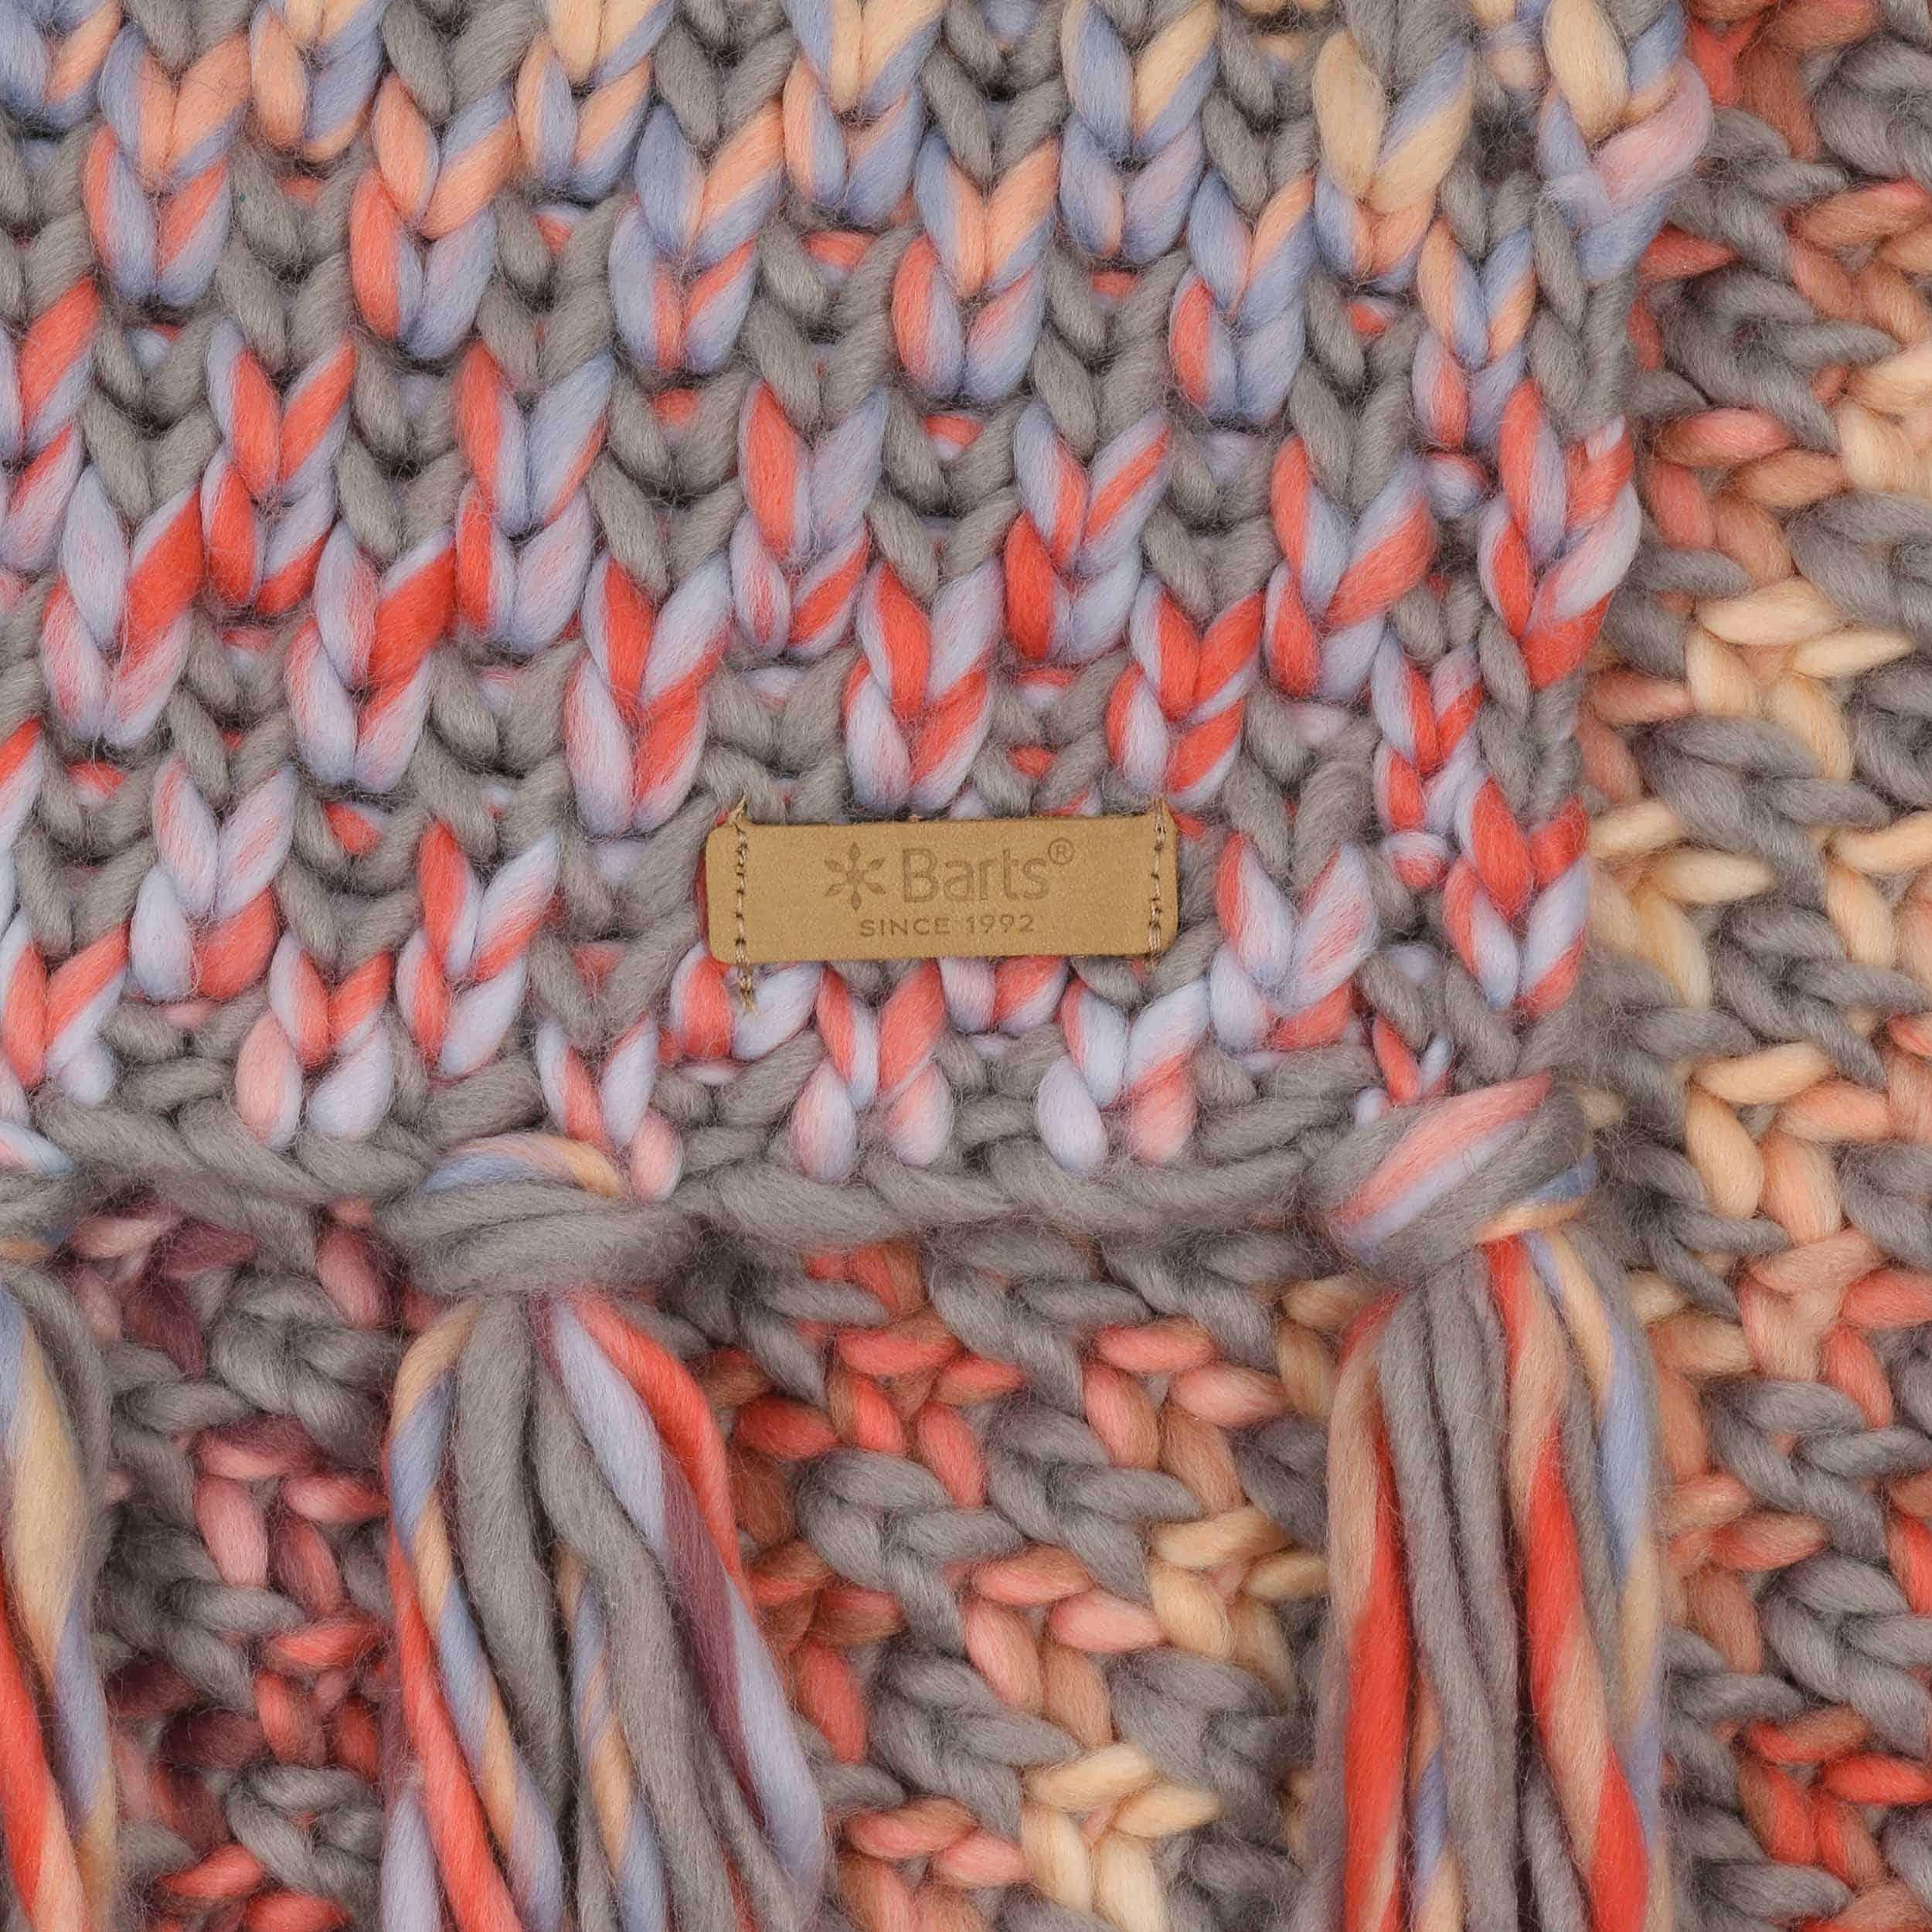 c29c1440c08 ... Écharpe Nicole by Barts - gris clair 1 ...